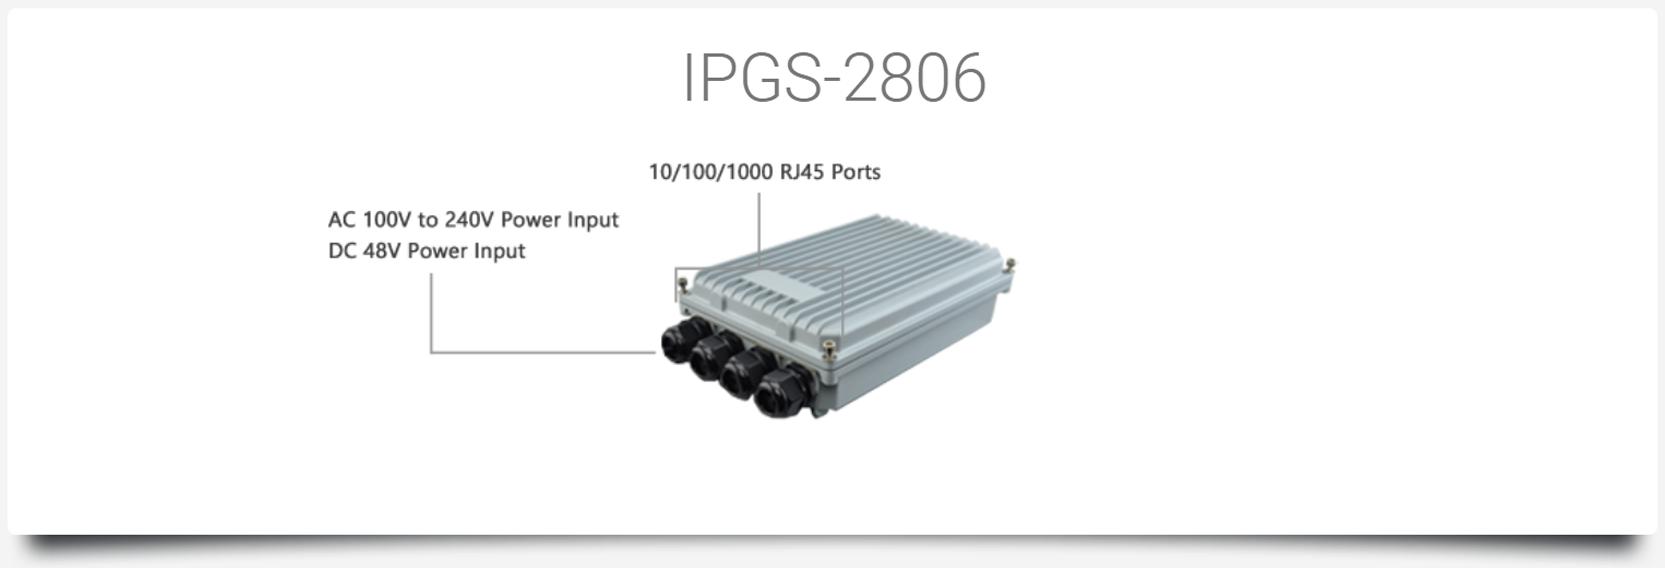 IPGS-2806